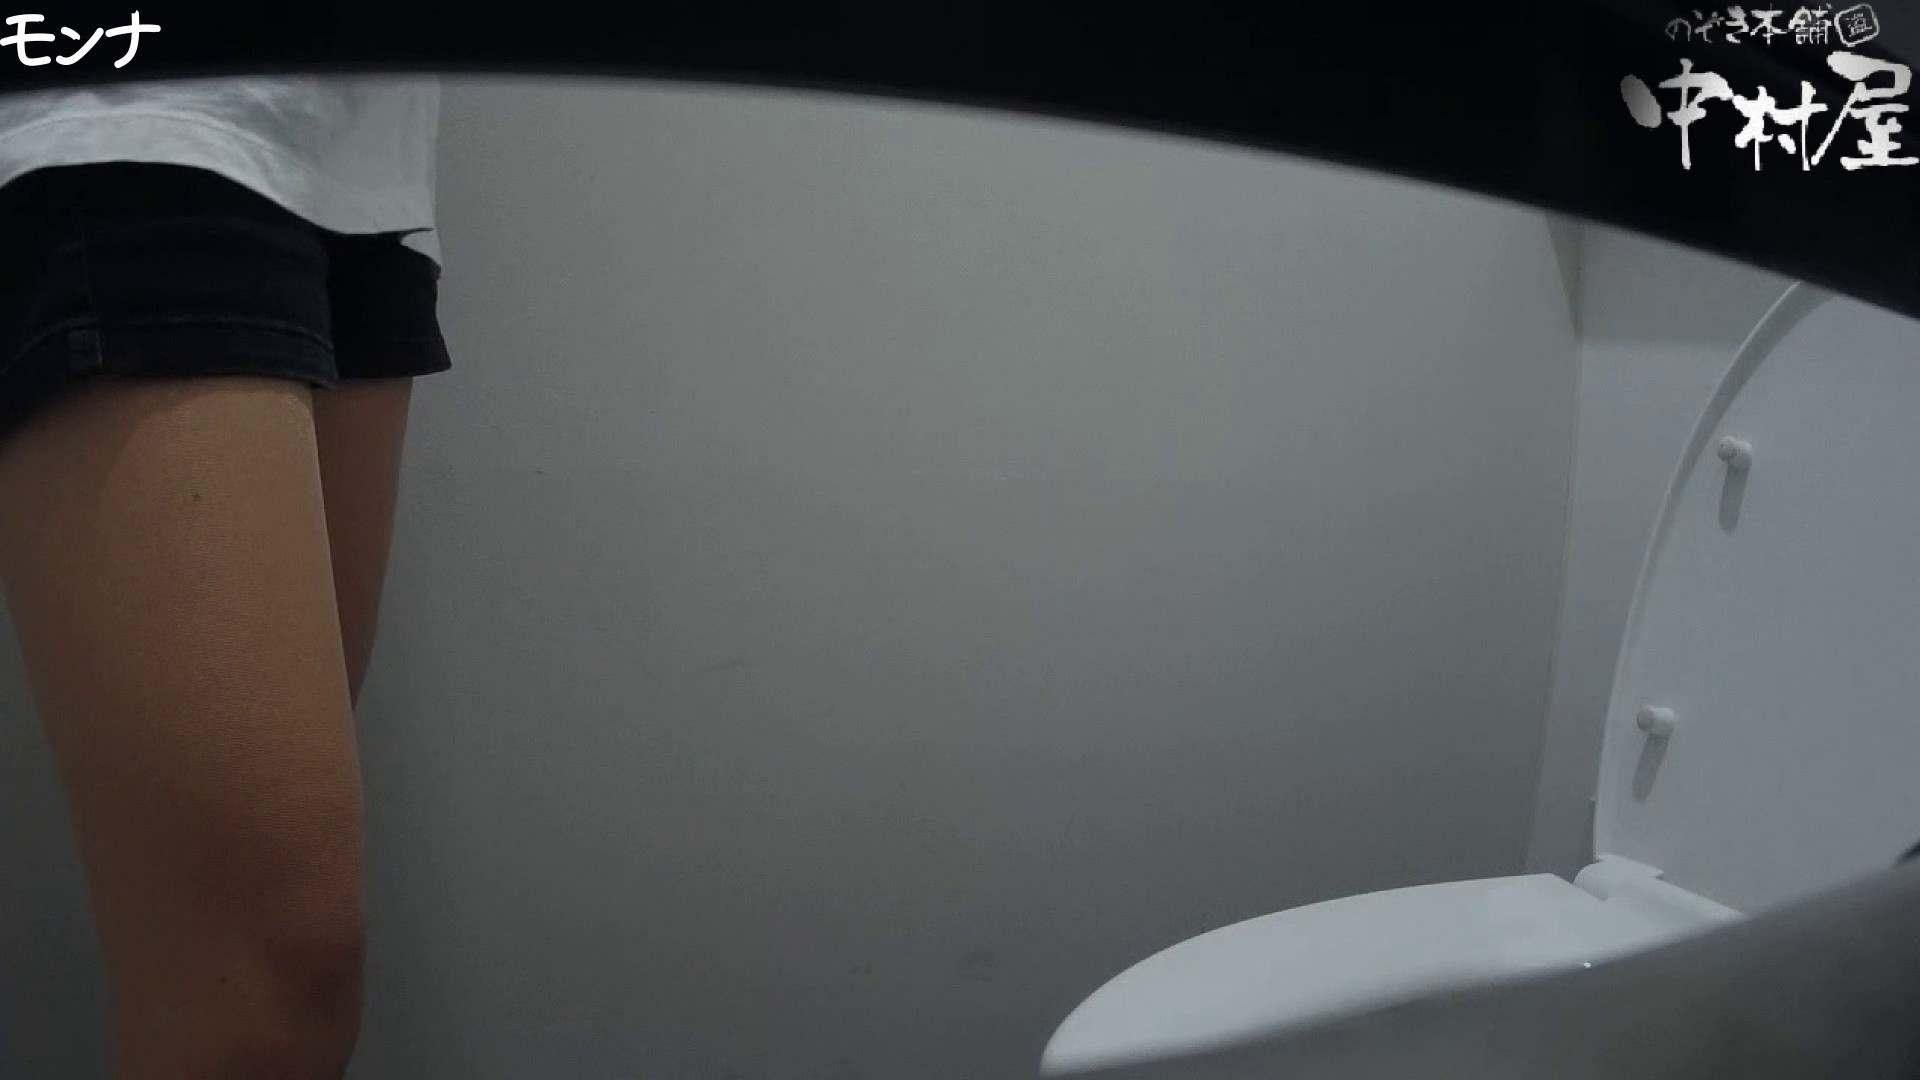 有名大学女性洗面所 vol.66 清楚系女子をがっつり!! 和式 女性器鑑賞 113pic 71